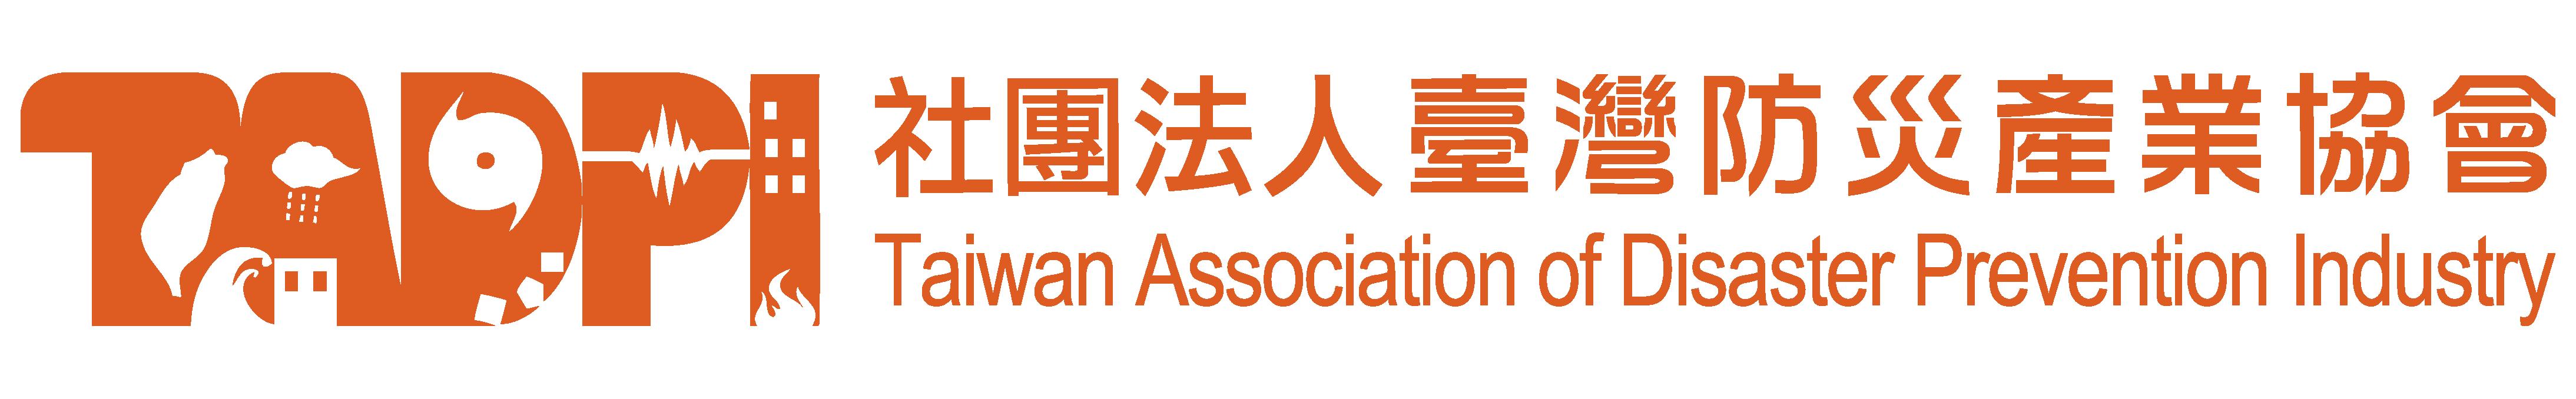 社團法人臺灣防災產業協會